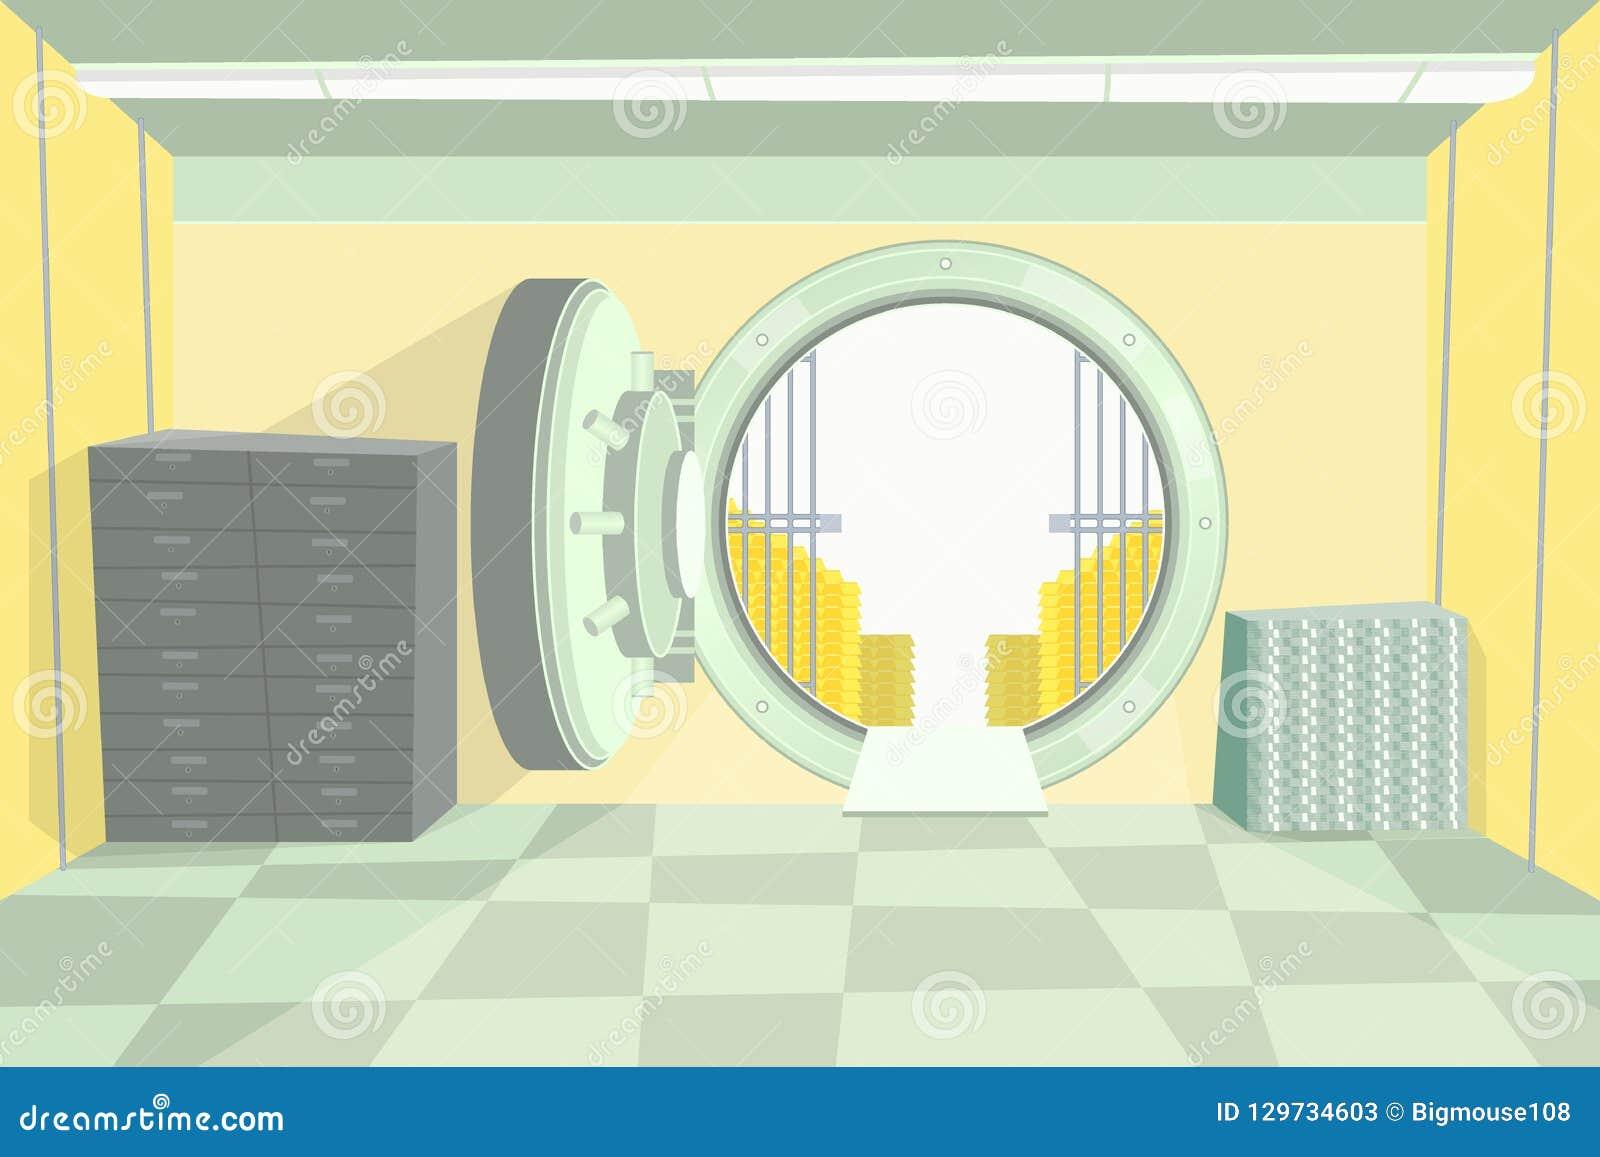 Υπόγειος θάλαμος τράπεζας χρώματος κινούμενων σχεδίων μέσα στο εσωτερικό διάνυσμα